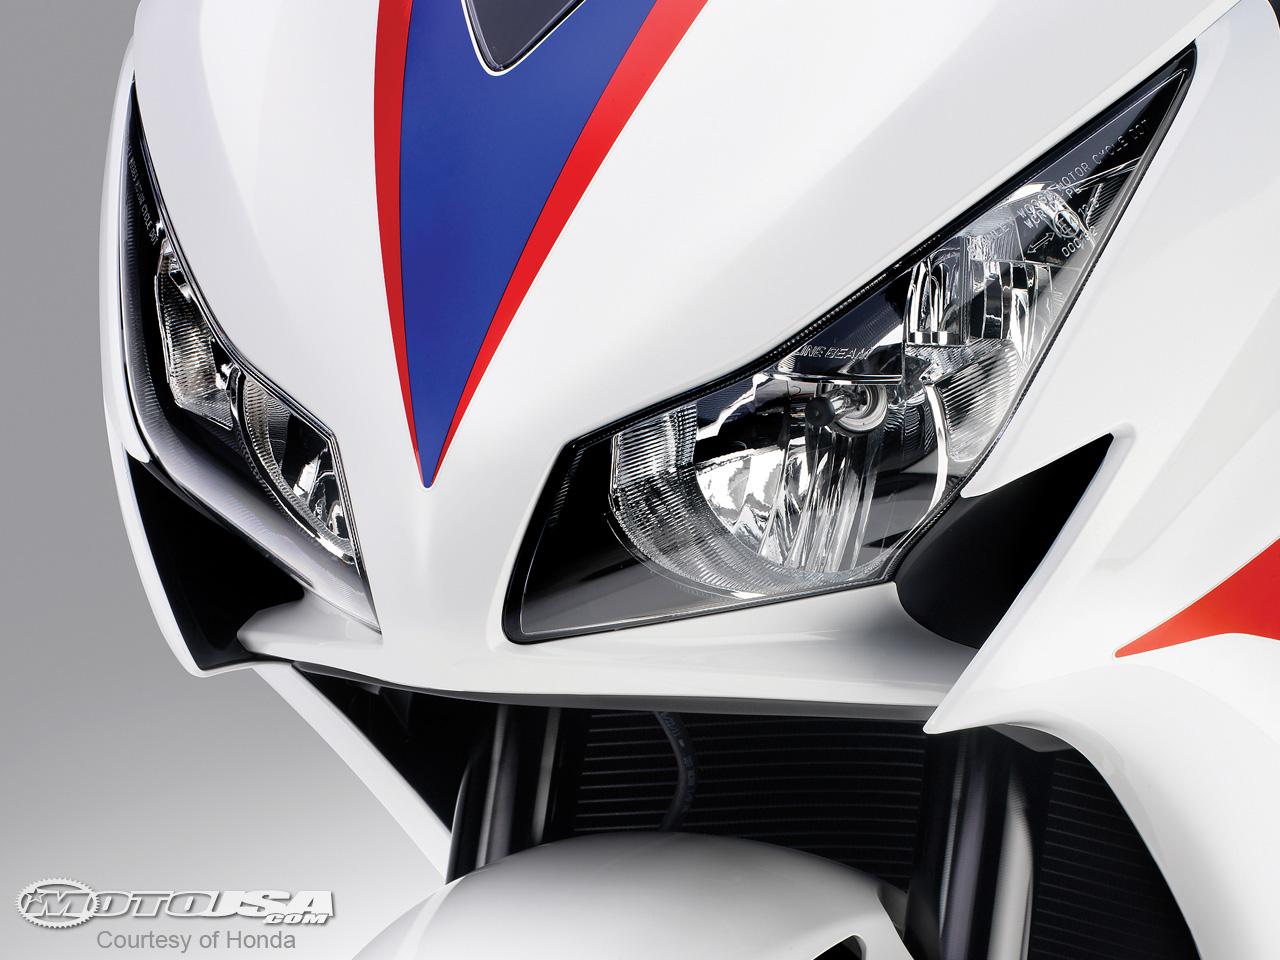 款本田CBR1000RR摩托车图片4